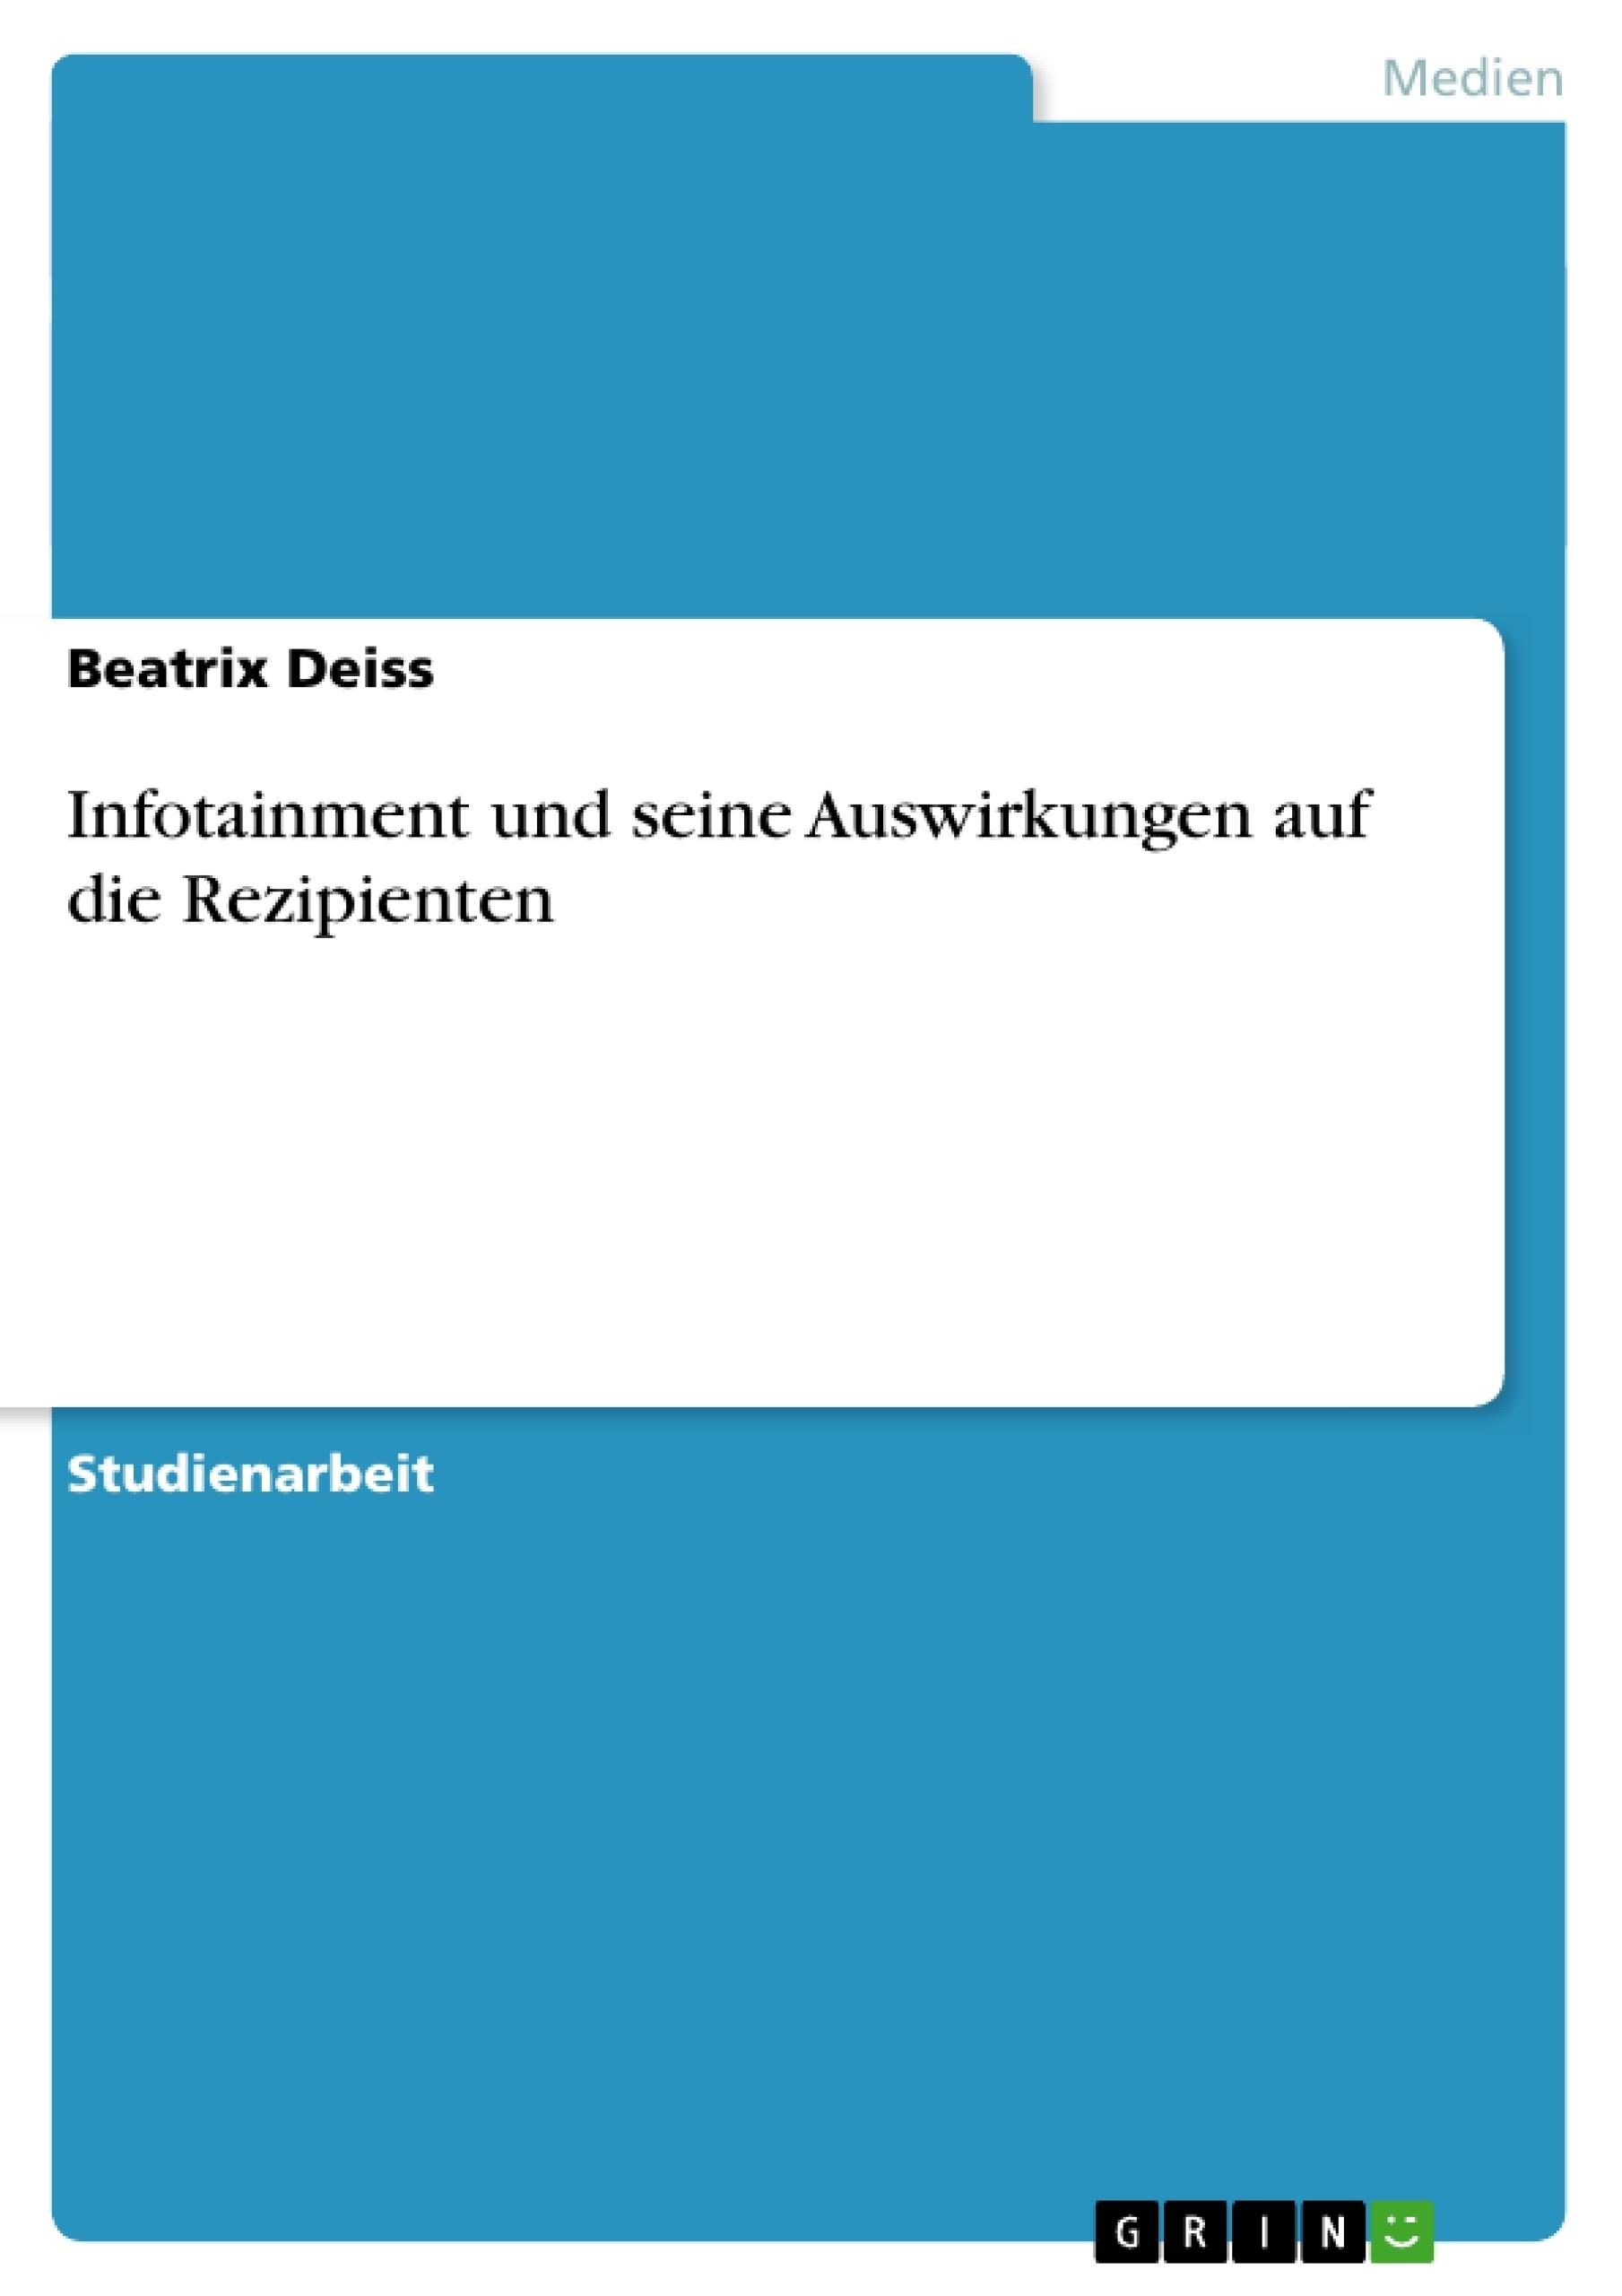 Titel: Infotainment und seine Auswirkungen auf die Rezipienten